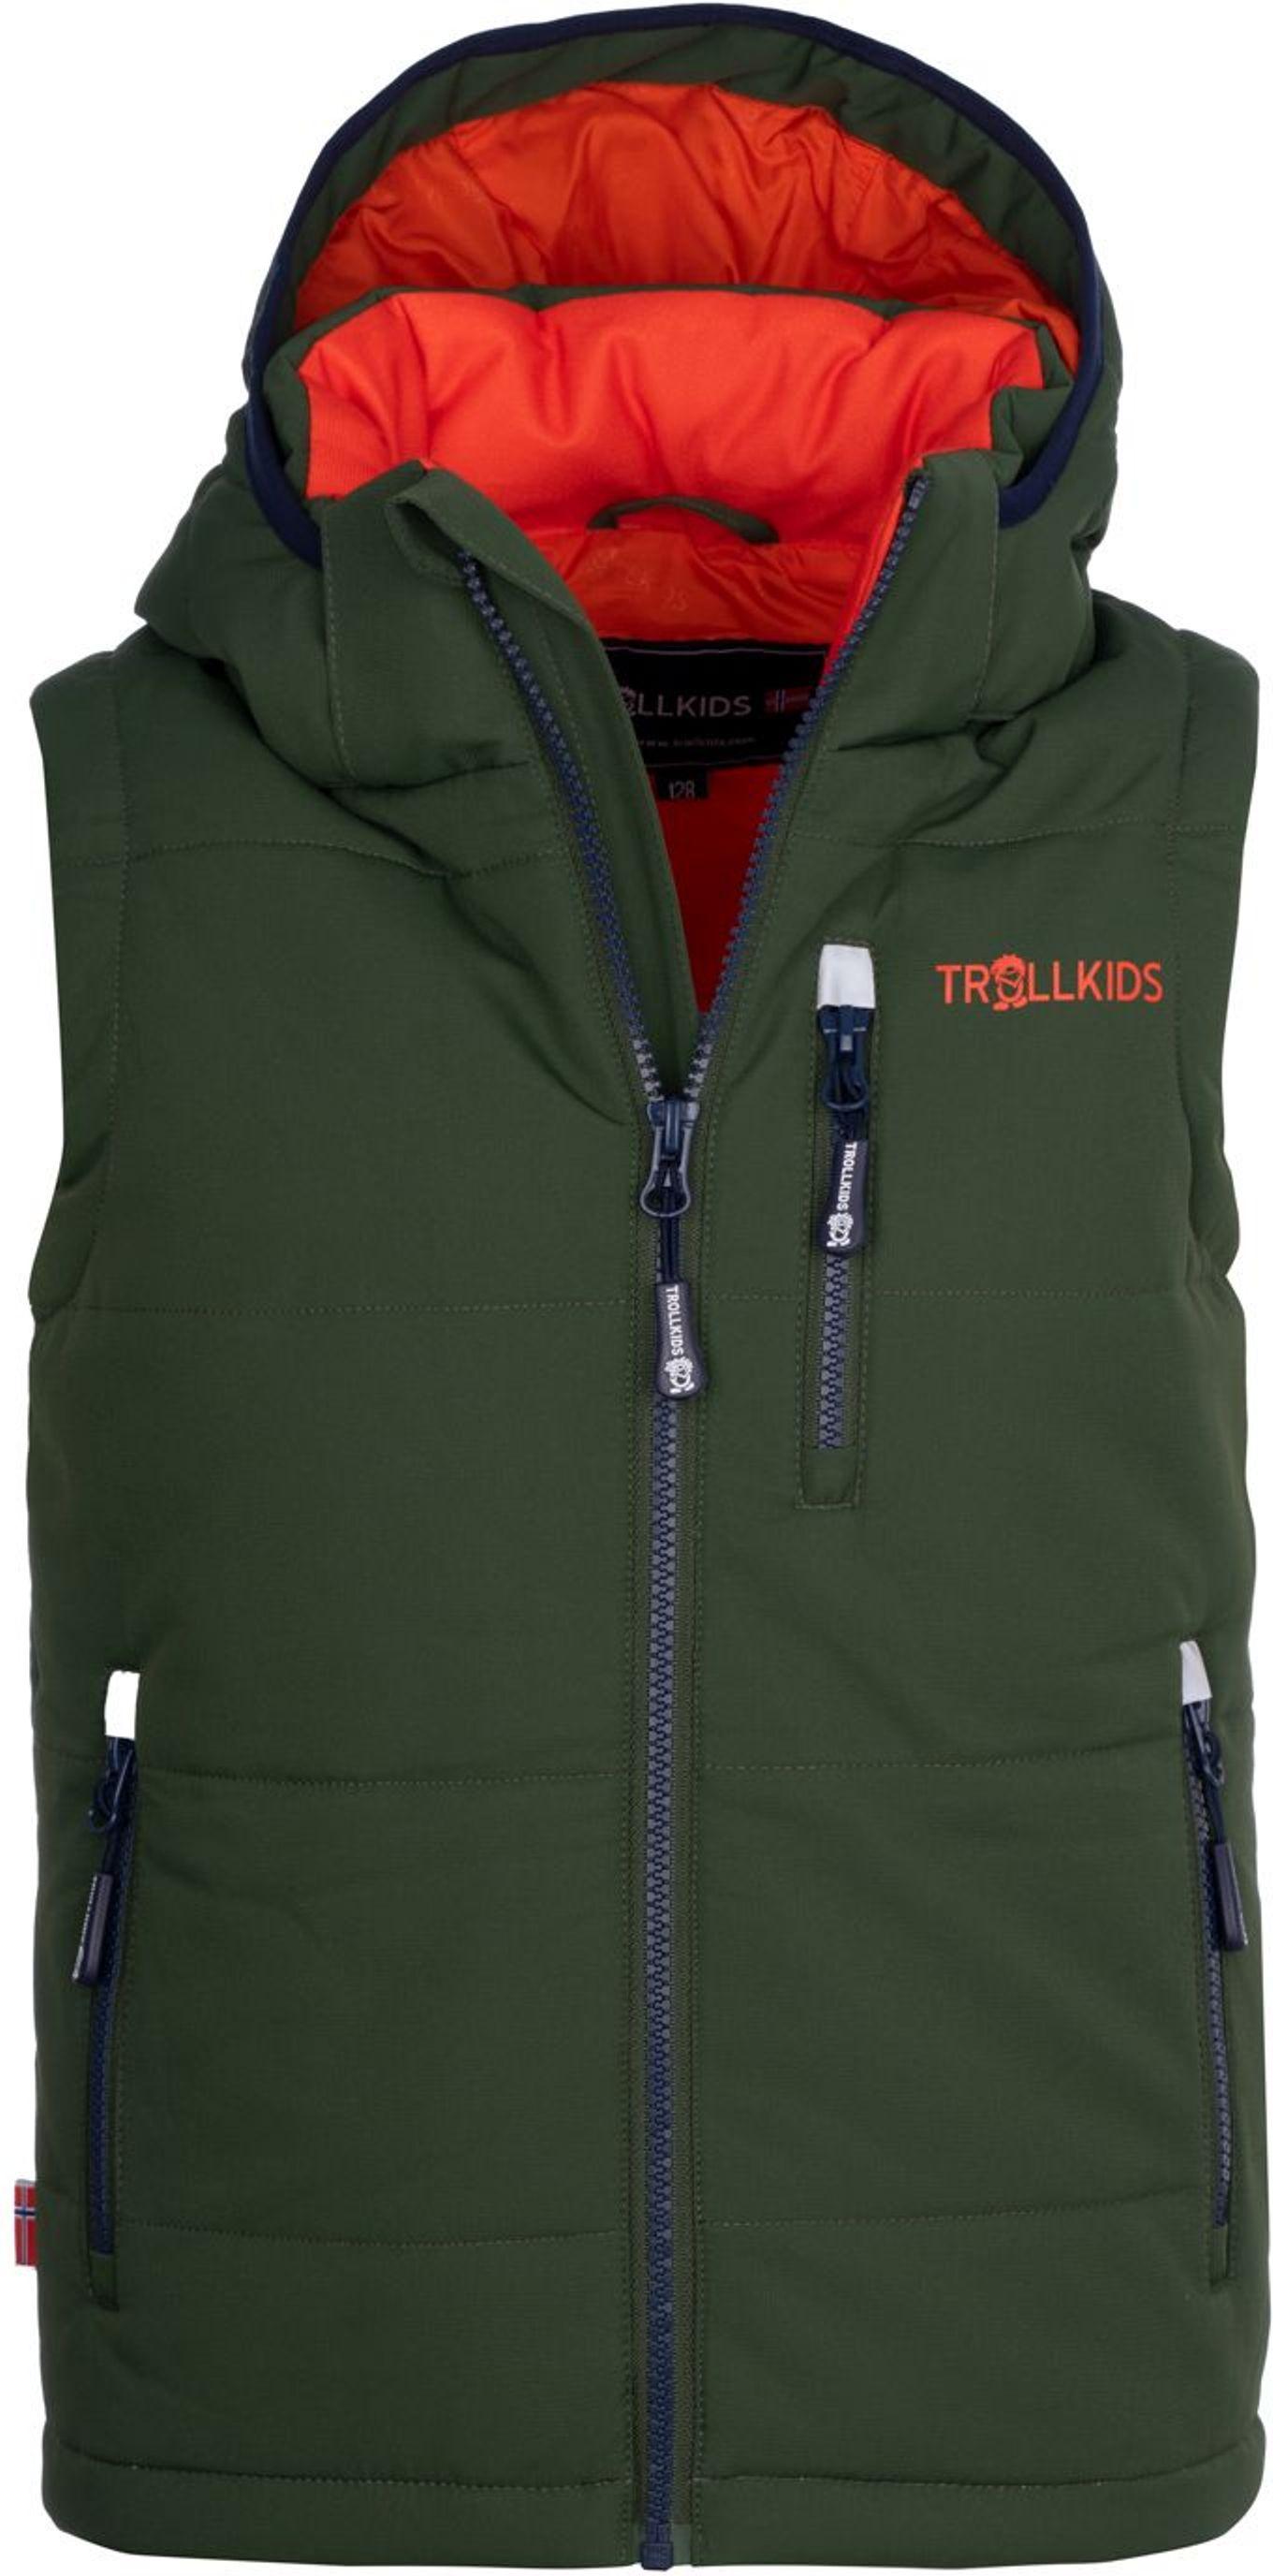 Trollkids Narvik Weste XT Forest Green/Flame Orange